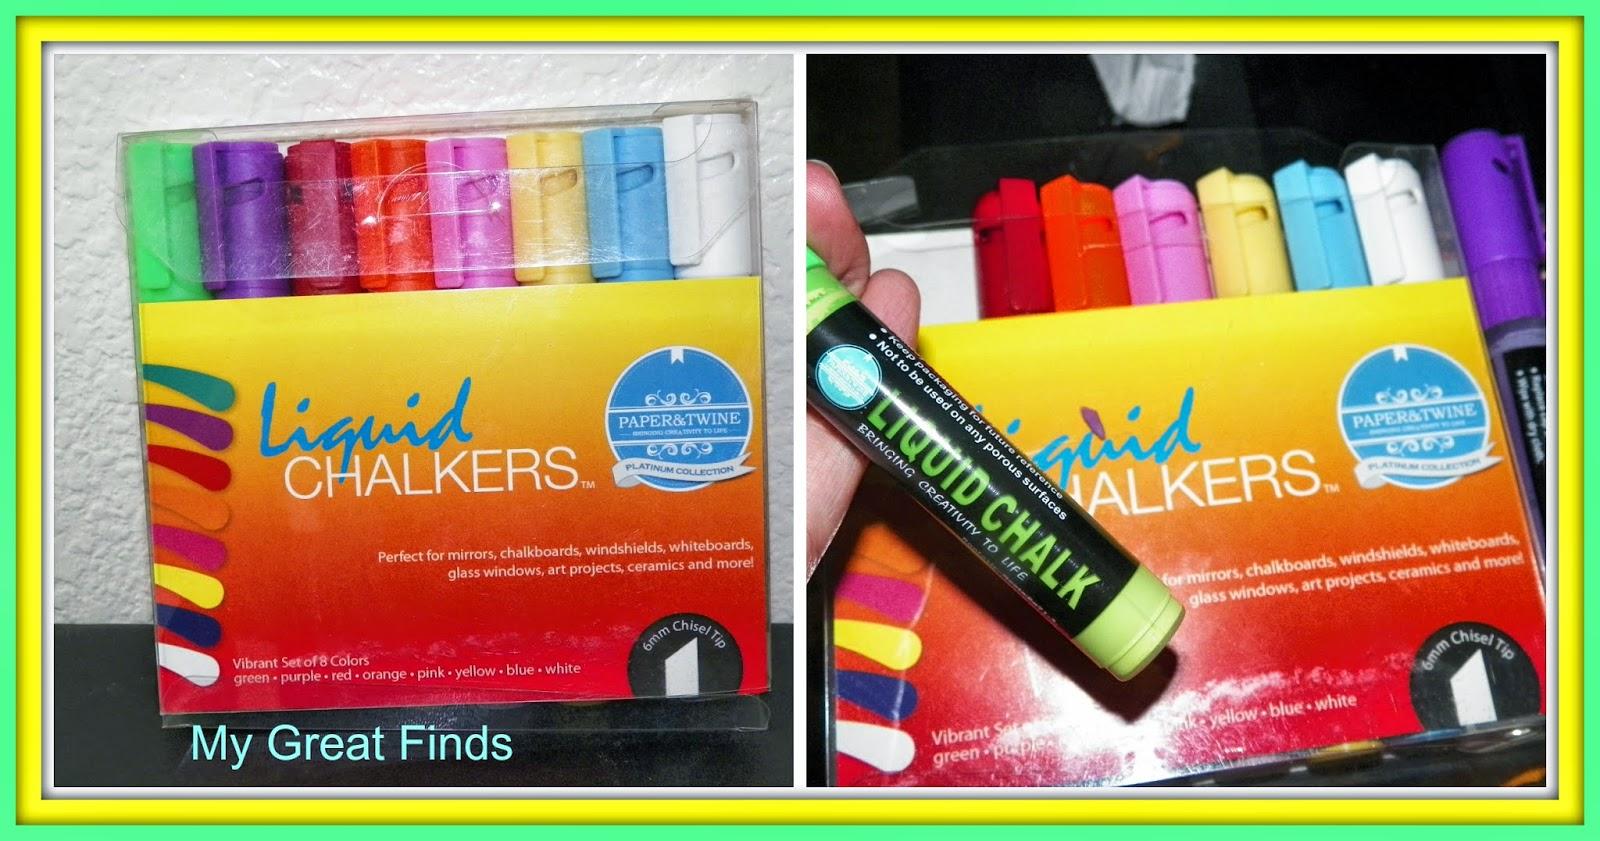 LiquidChalkers.jpg